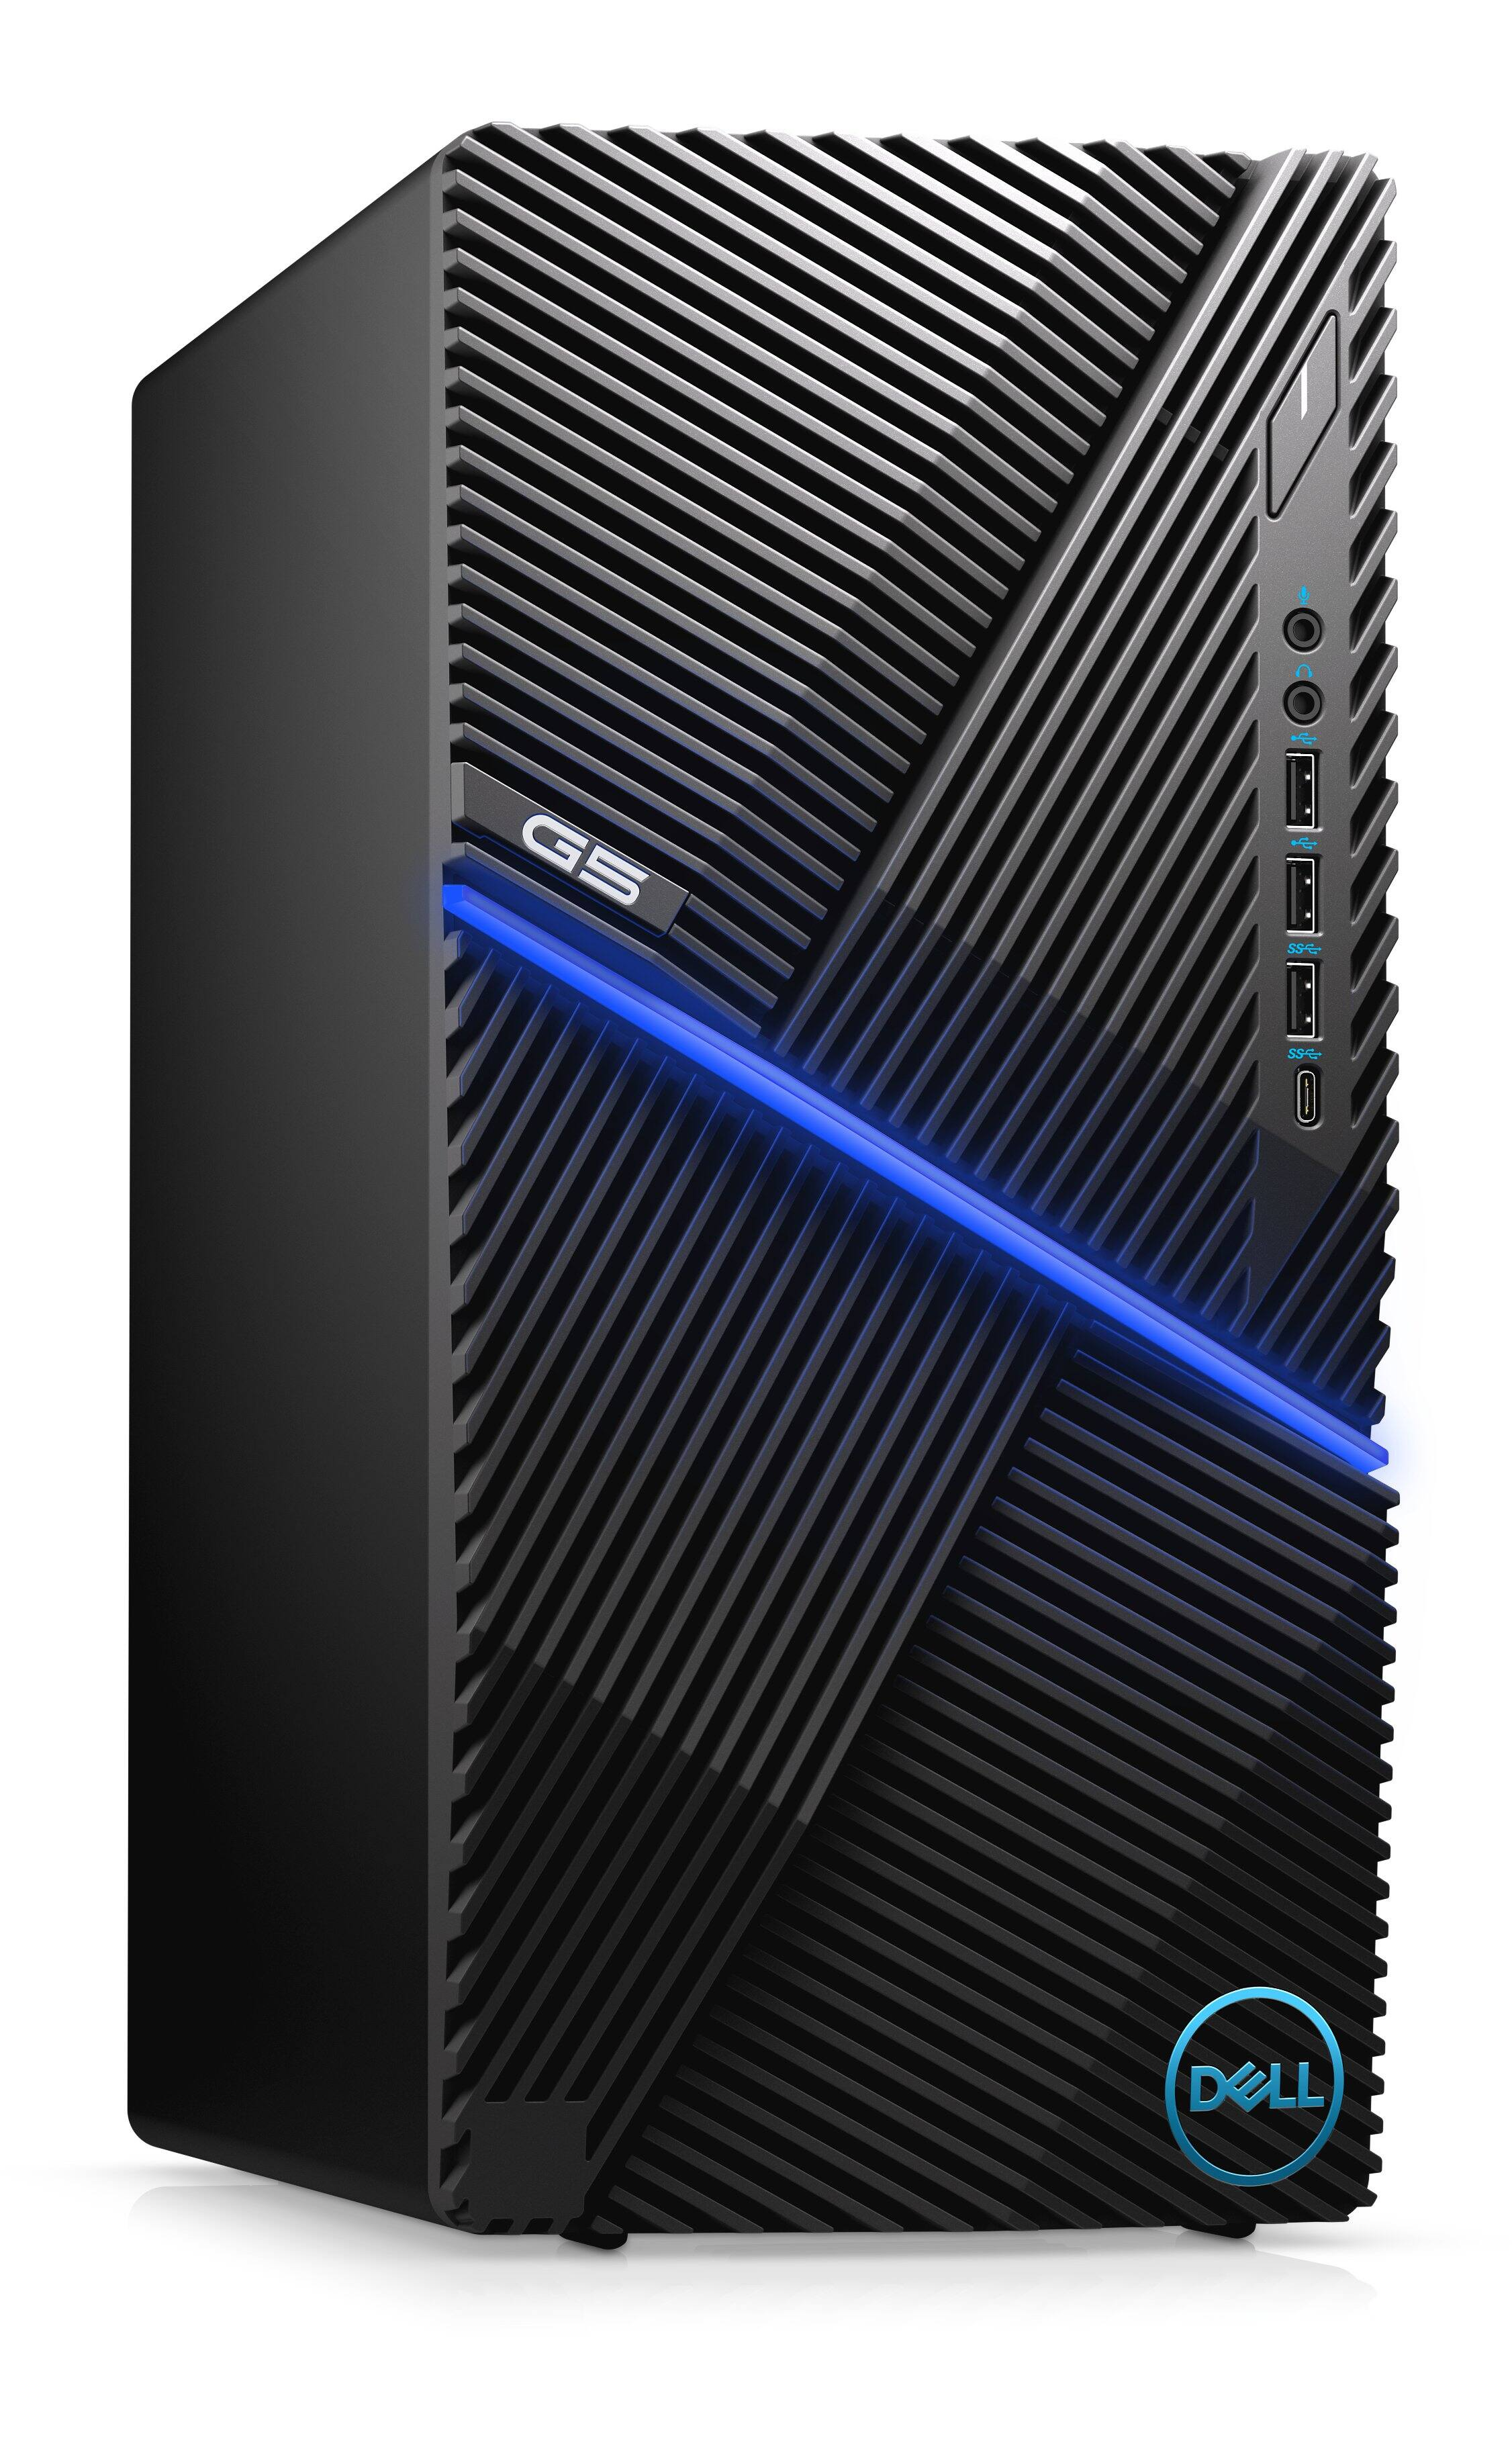 Dell G5 Desktop: i5-10400F, 8GB, 256GB SSD, GTX 1650 SUPER $580 + free s/h (Less w/ SD Cashback) at Dell